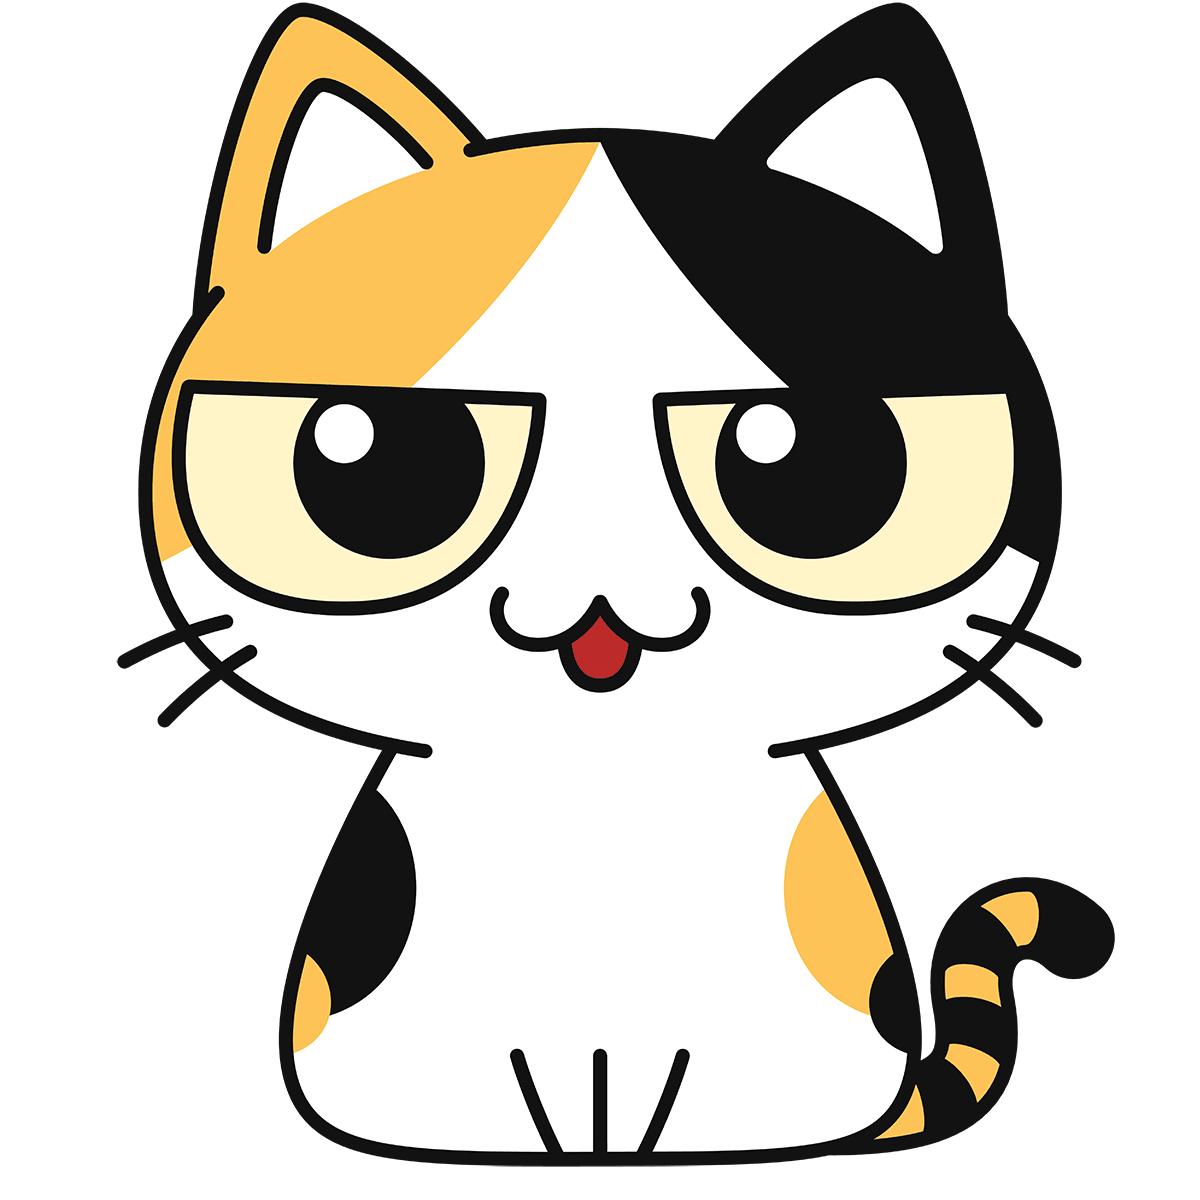 三毛猫(話す)の無料イラスト